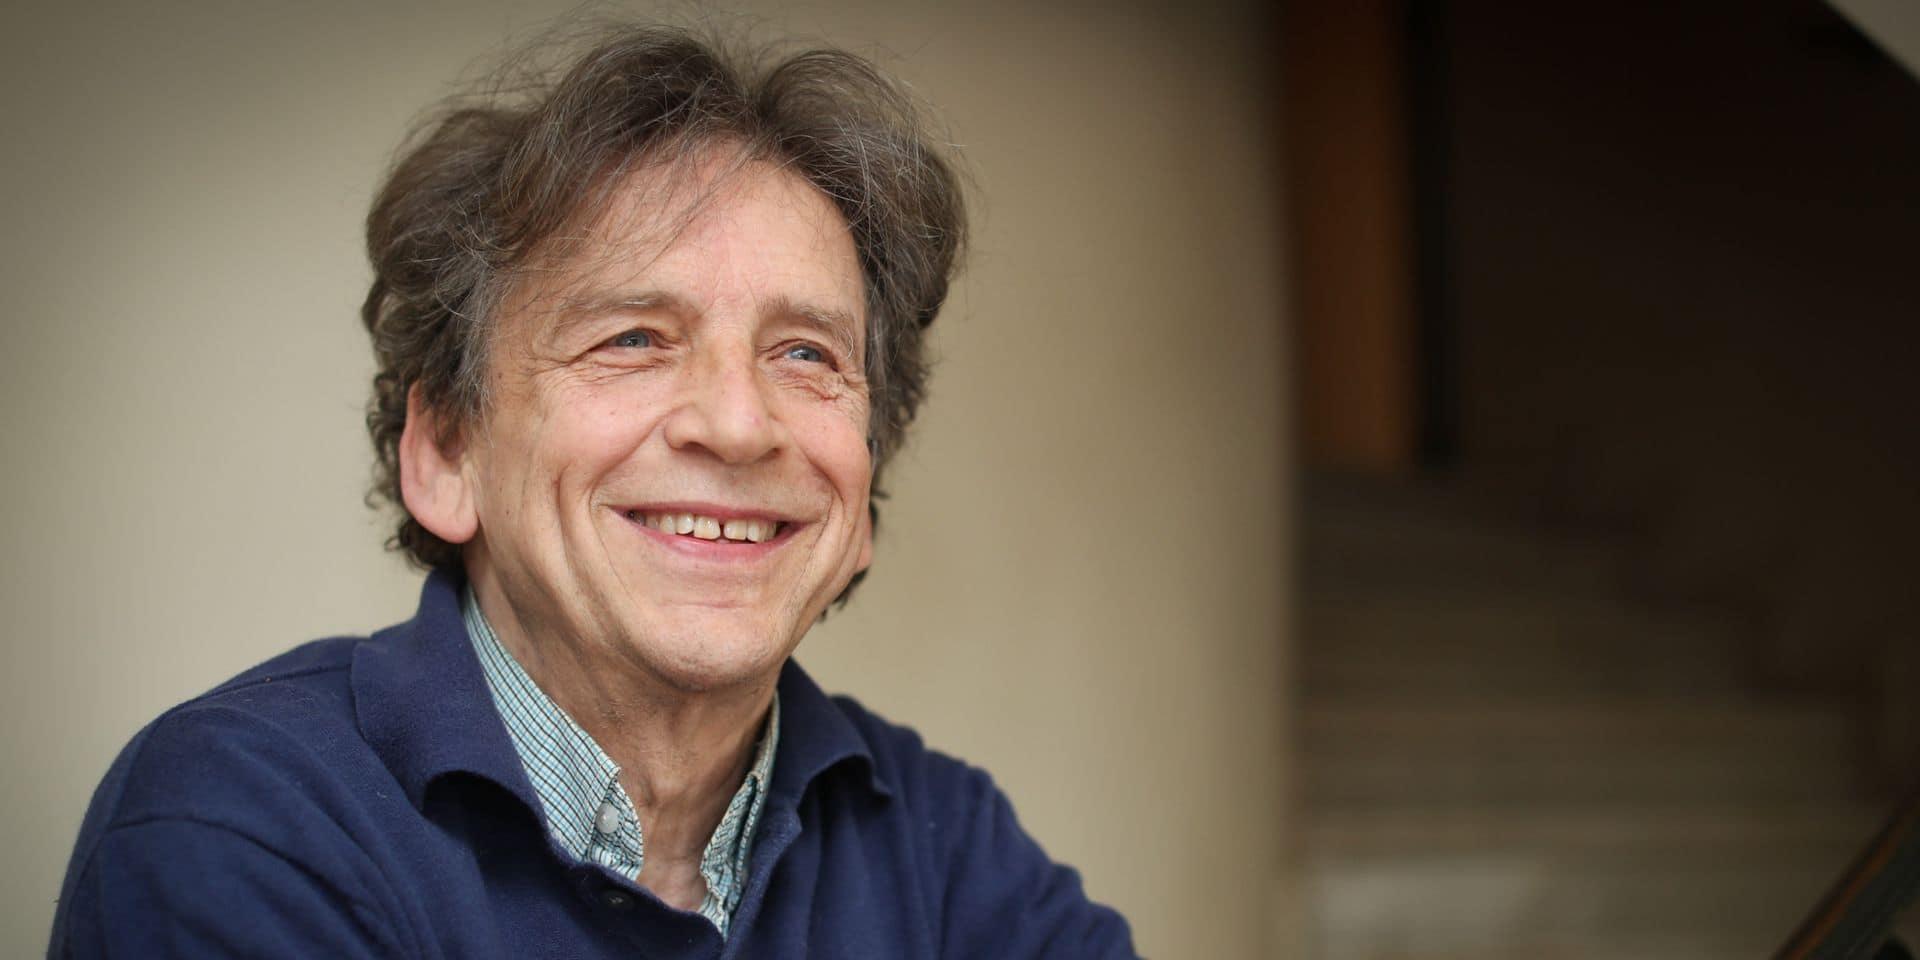 Le chanteur belge Art Sullivan est décédé à 69 ans